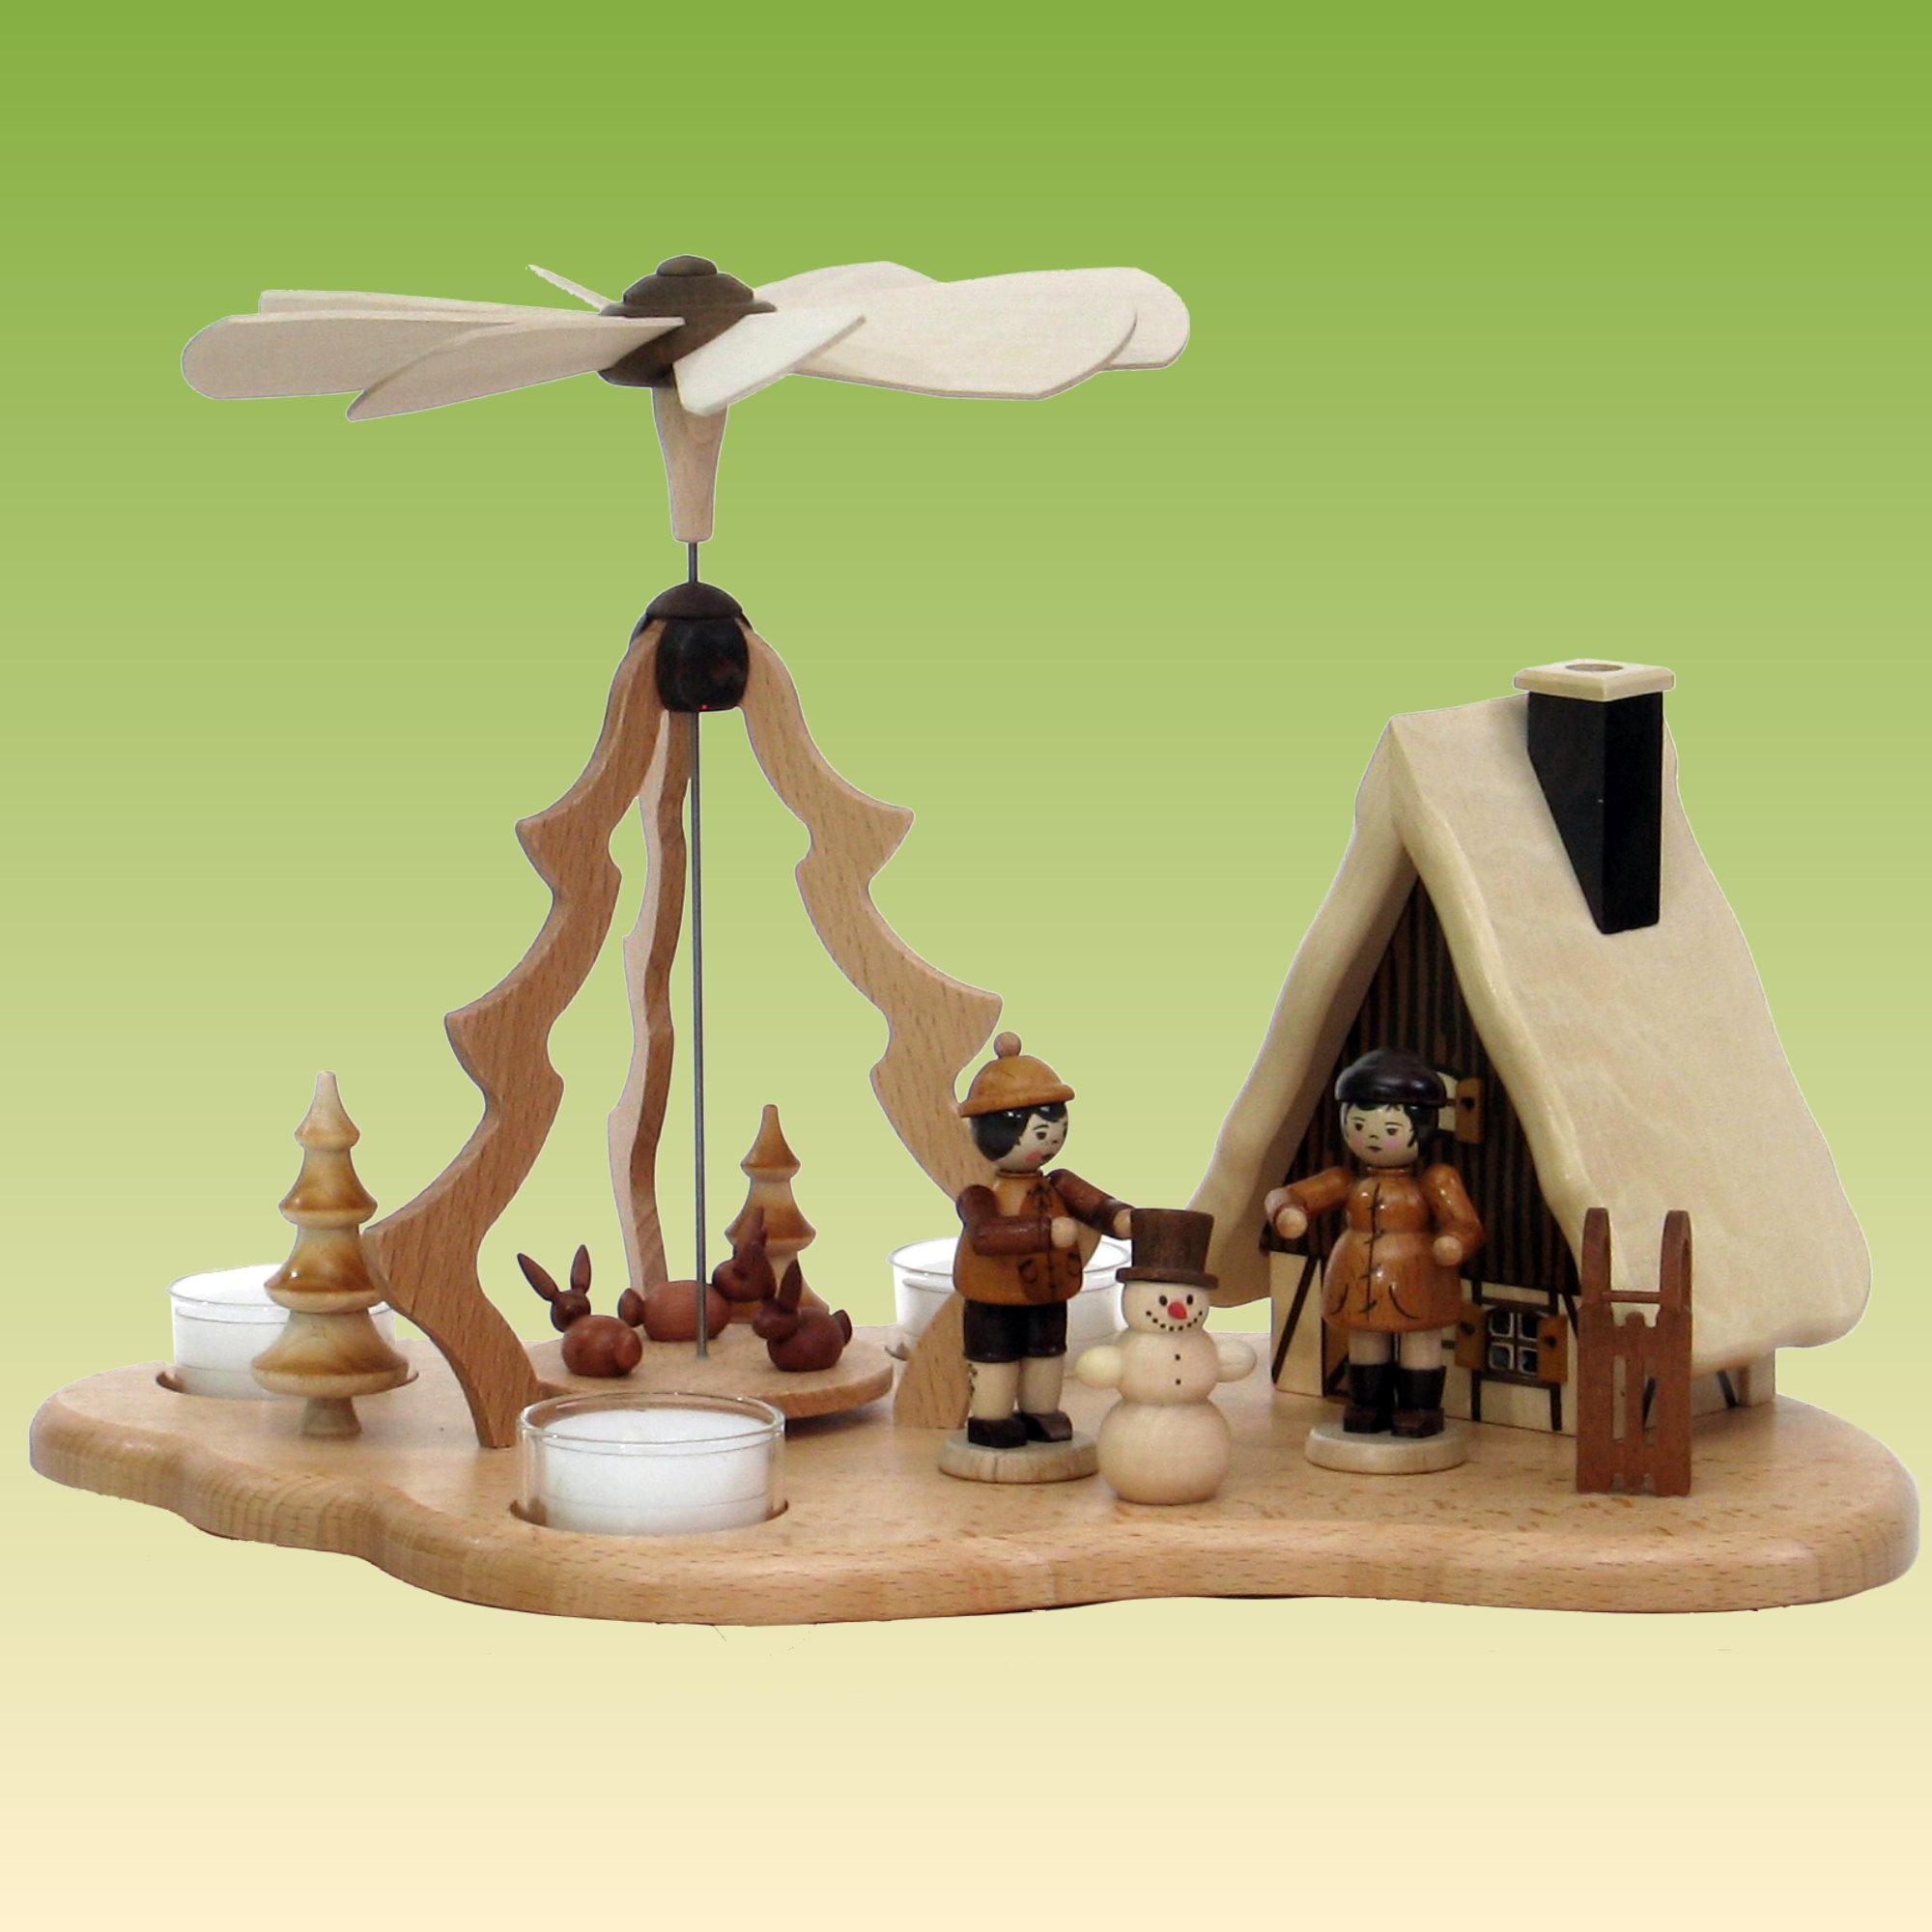 pyramide mit winterkinder und r ucherhaus pyramiden. Black Bedroom Furniture Sets. Home Design Ideas